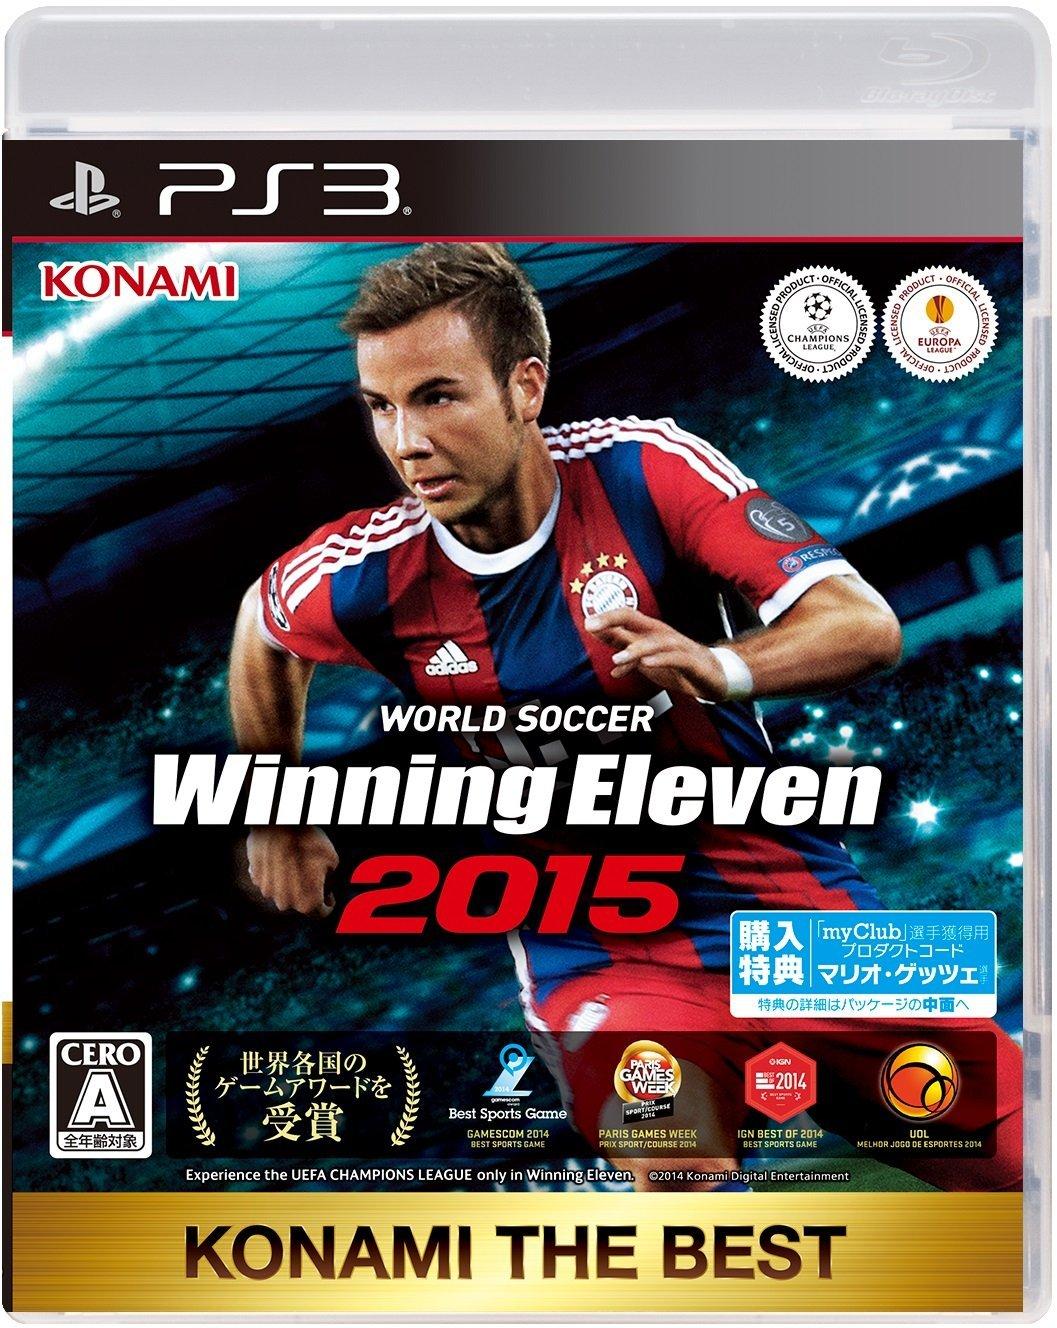 ウイニングイレブン 2015 KONAMI THE BEST等計10点のPS3(プレイステーション3)ゲームソフトを